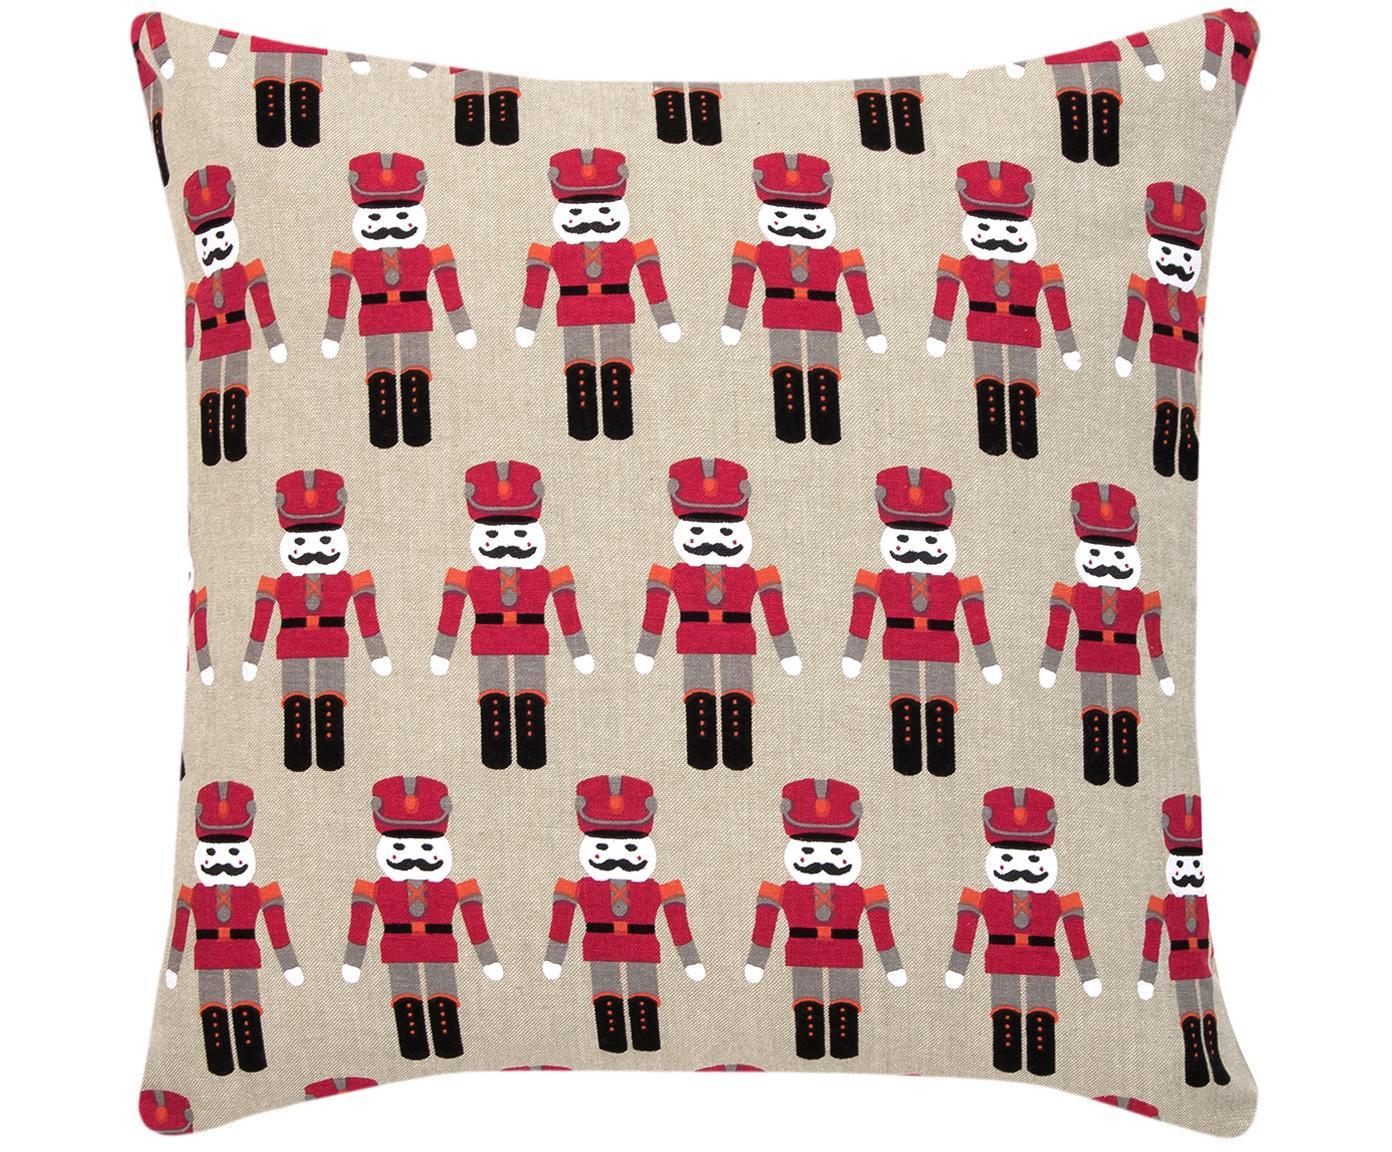 Federa arredo con motivo invernale Nutcracker, Cotone, Beige, rosso, Larg. 45 x Lung. 45 cm